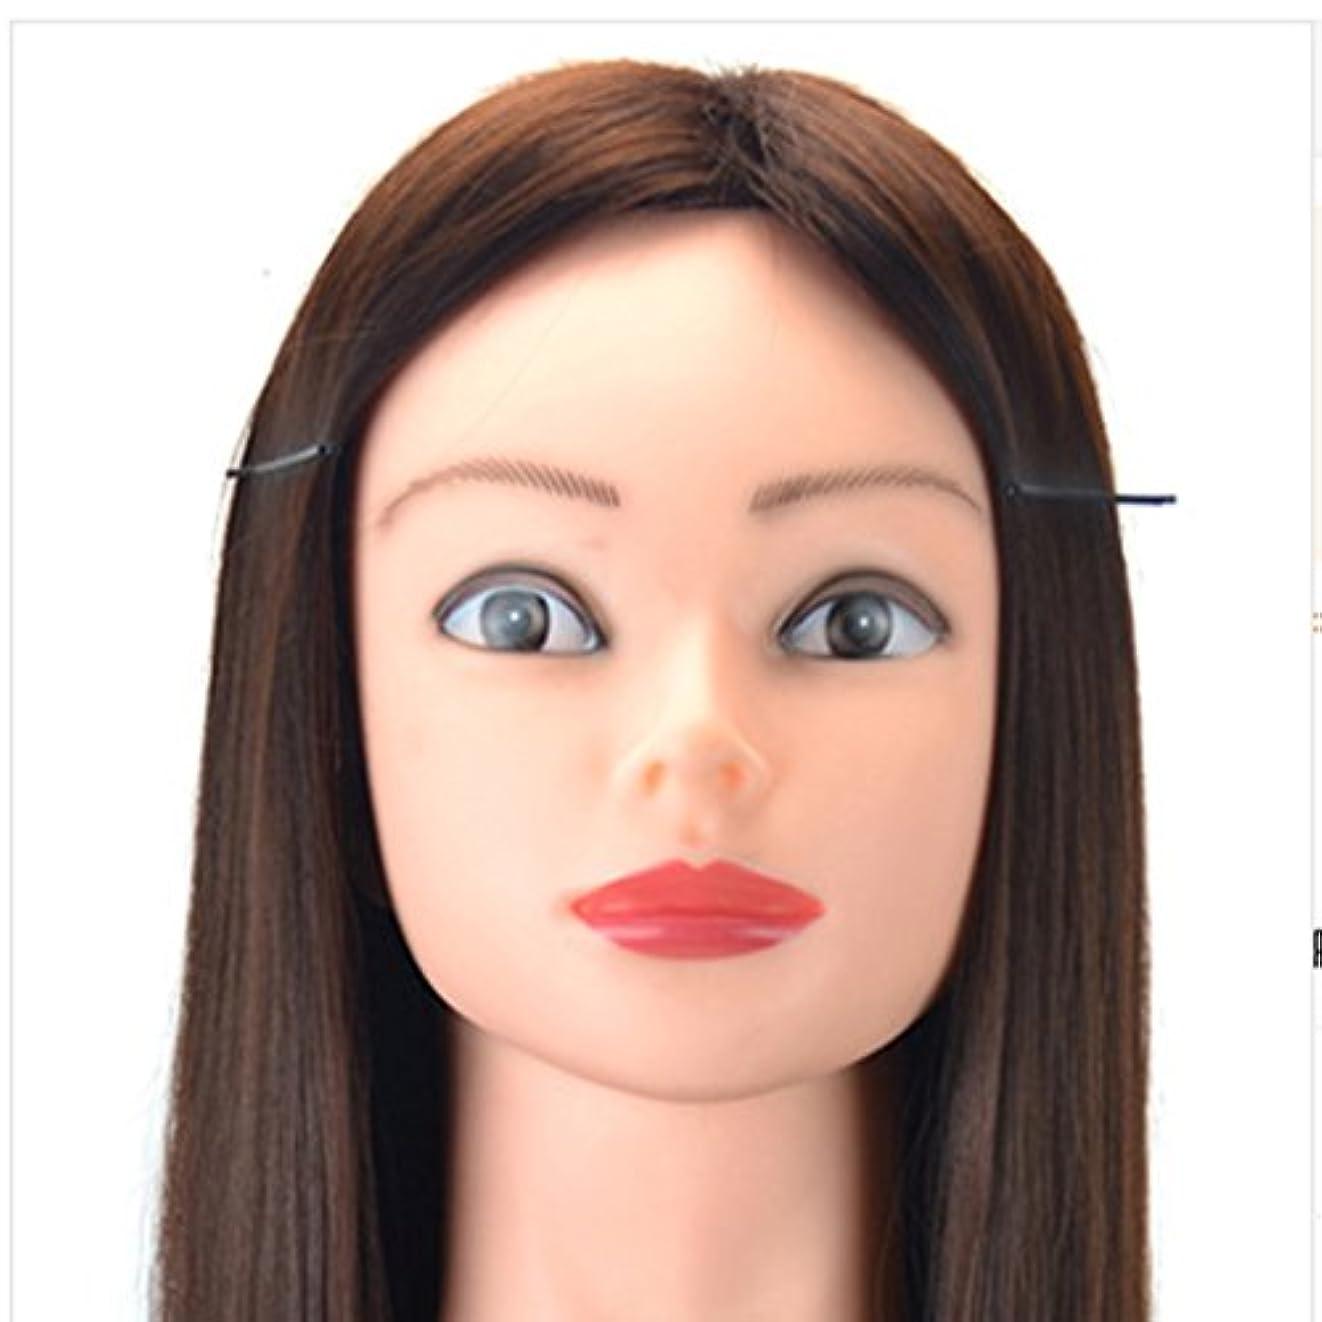 打たれたトラック太い荒らすJIANFU メイク修理またはウィッグヘッドとブラケットティーチングヘッドを含む60cmのウィッグヘッドをカットして髪を編む練習用ディスク (色 : Chestnut)